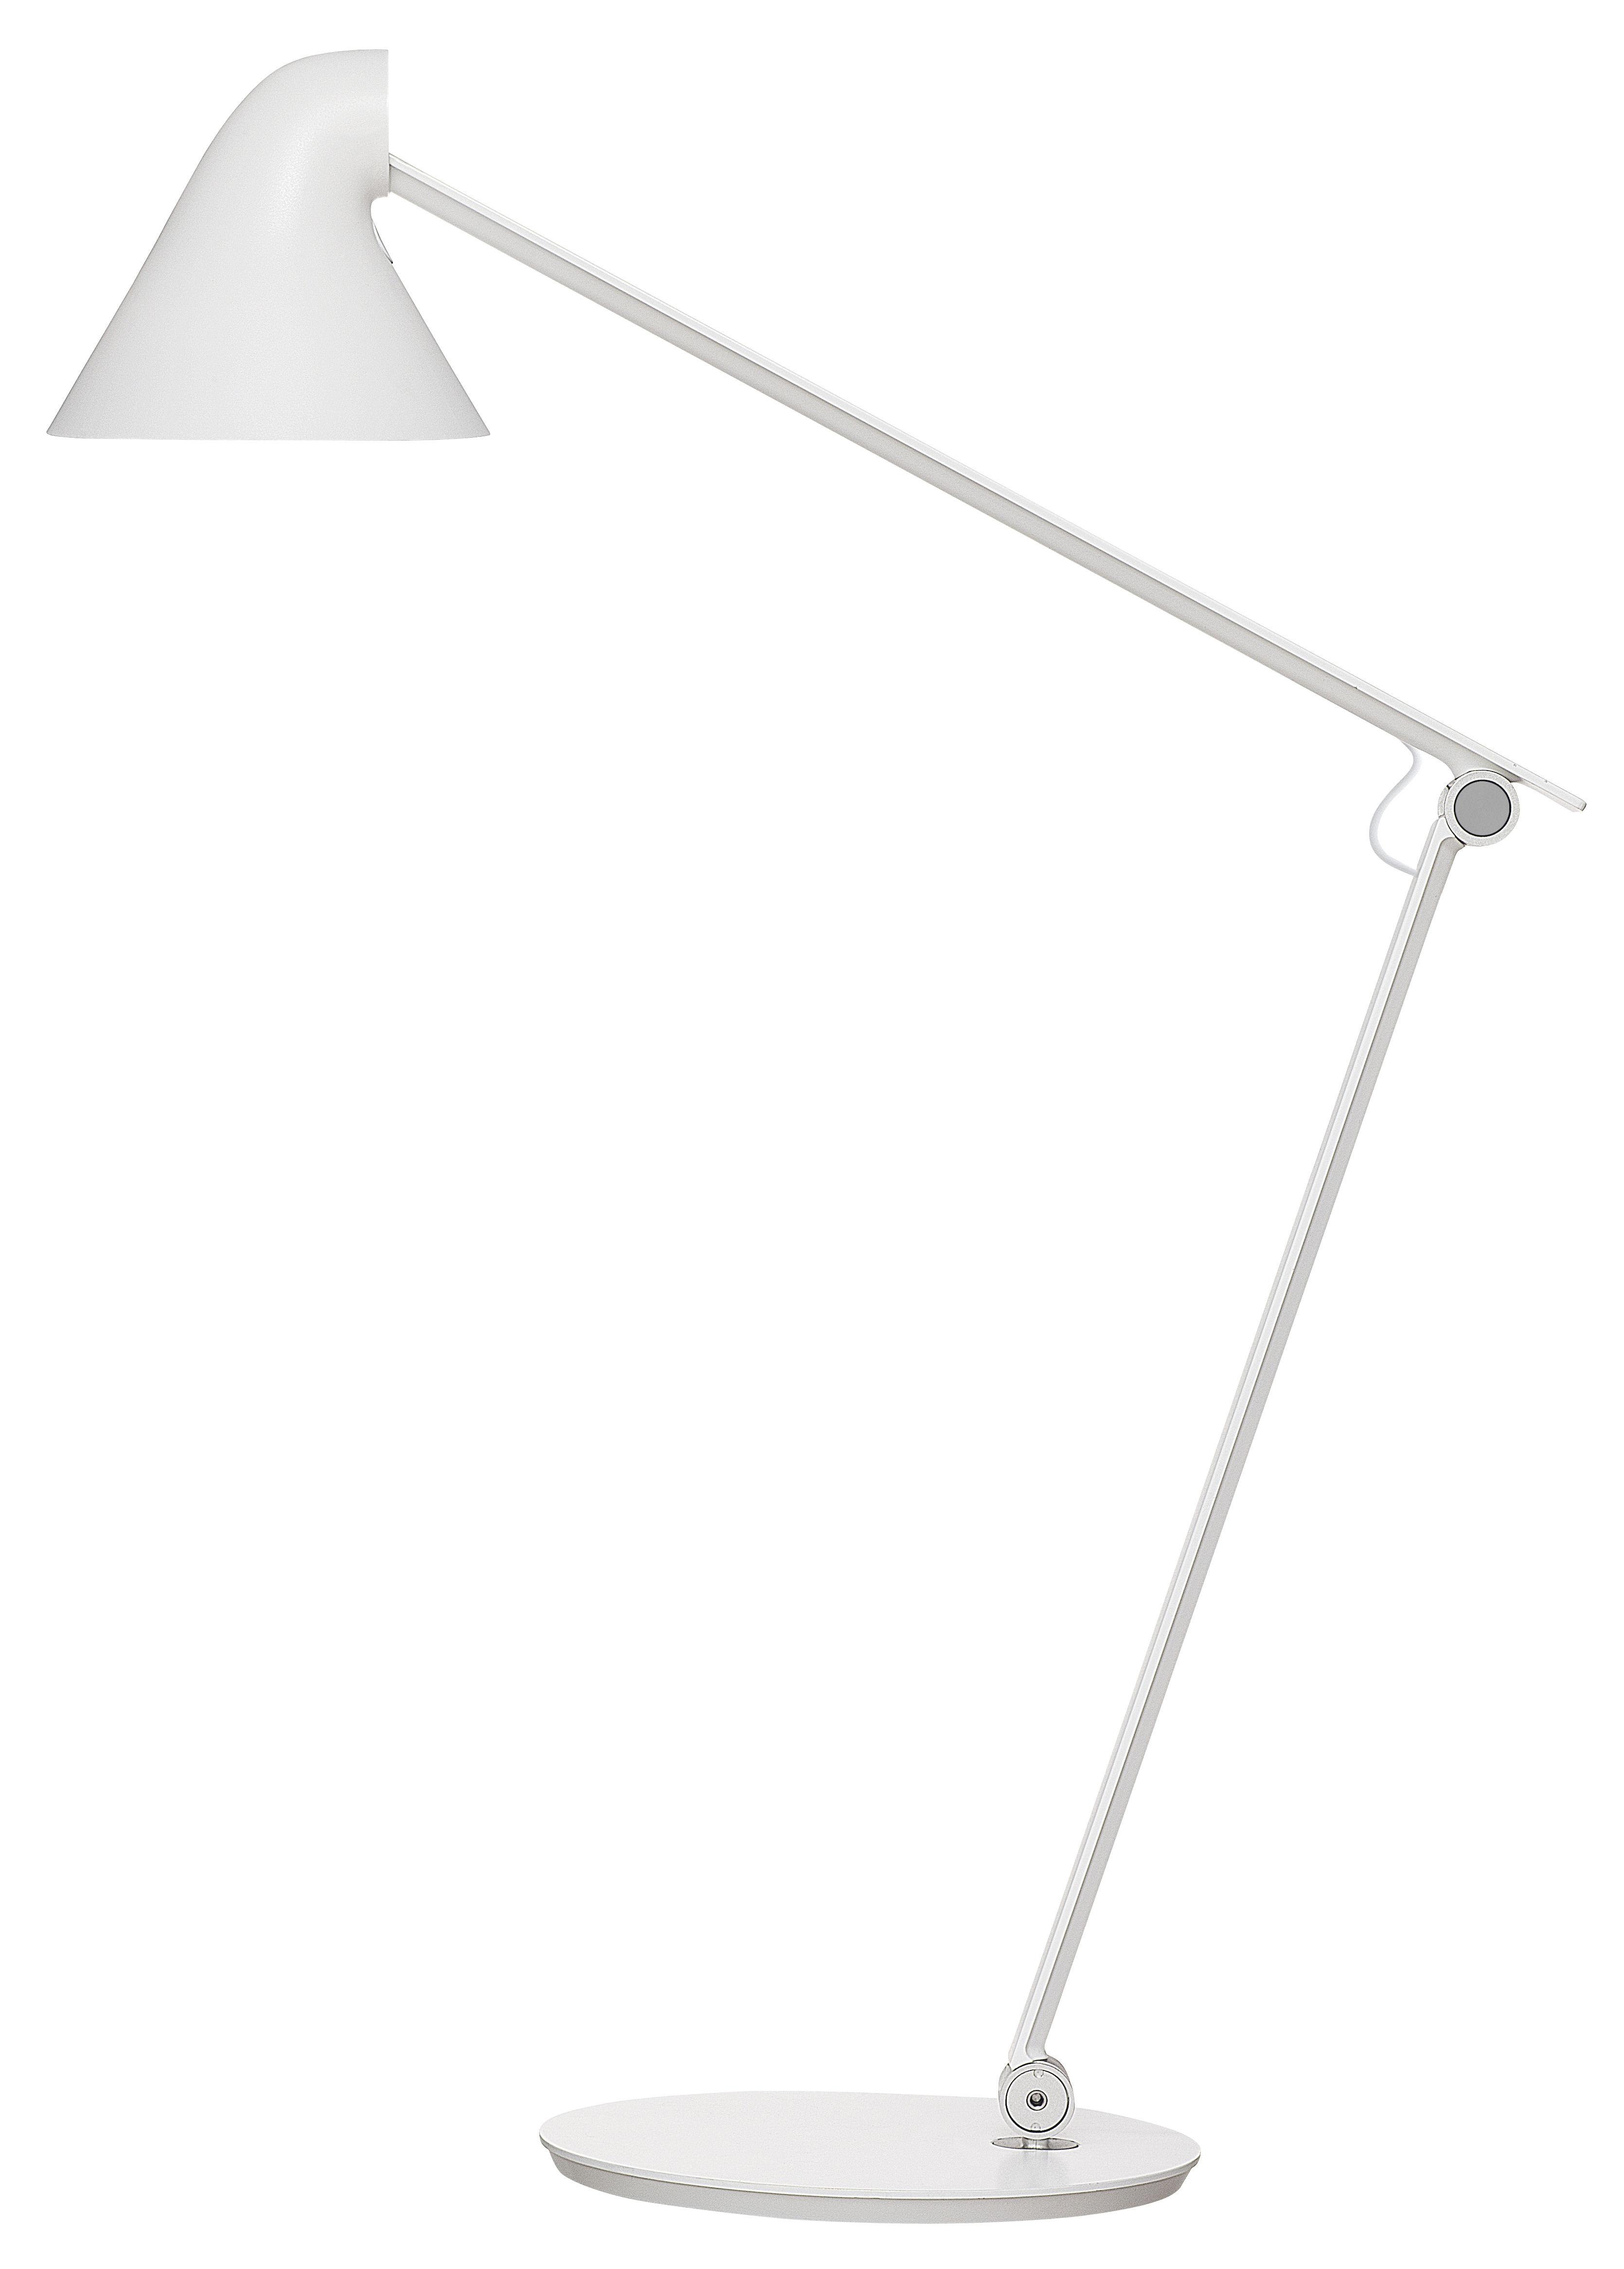 Lighting - Table Lamps - NJP Table lamp - LED by Louis Poulsen - White - Very warm light 2700K - Aluminium, Steel